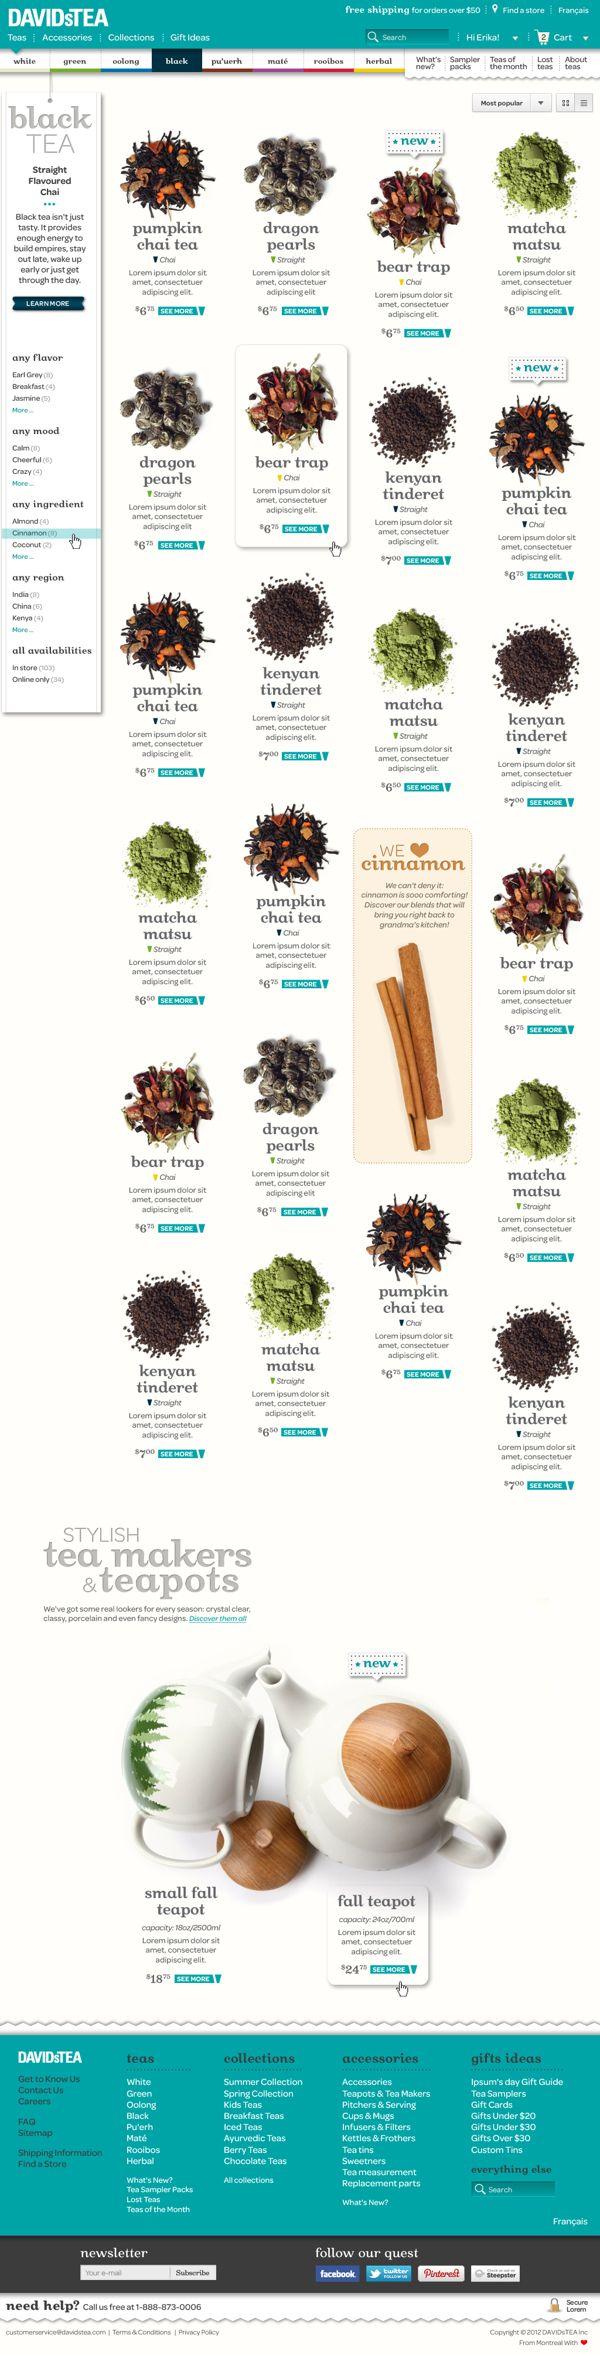 David's Tea Refonte Design by Pierre-Benoit Lemieux, via Behance